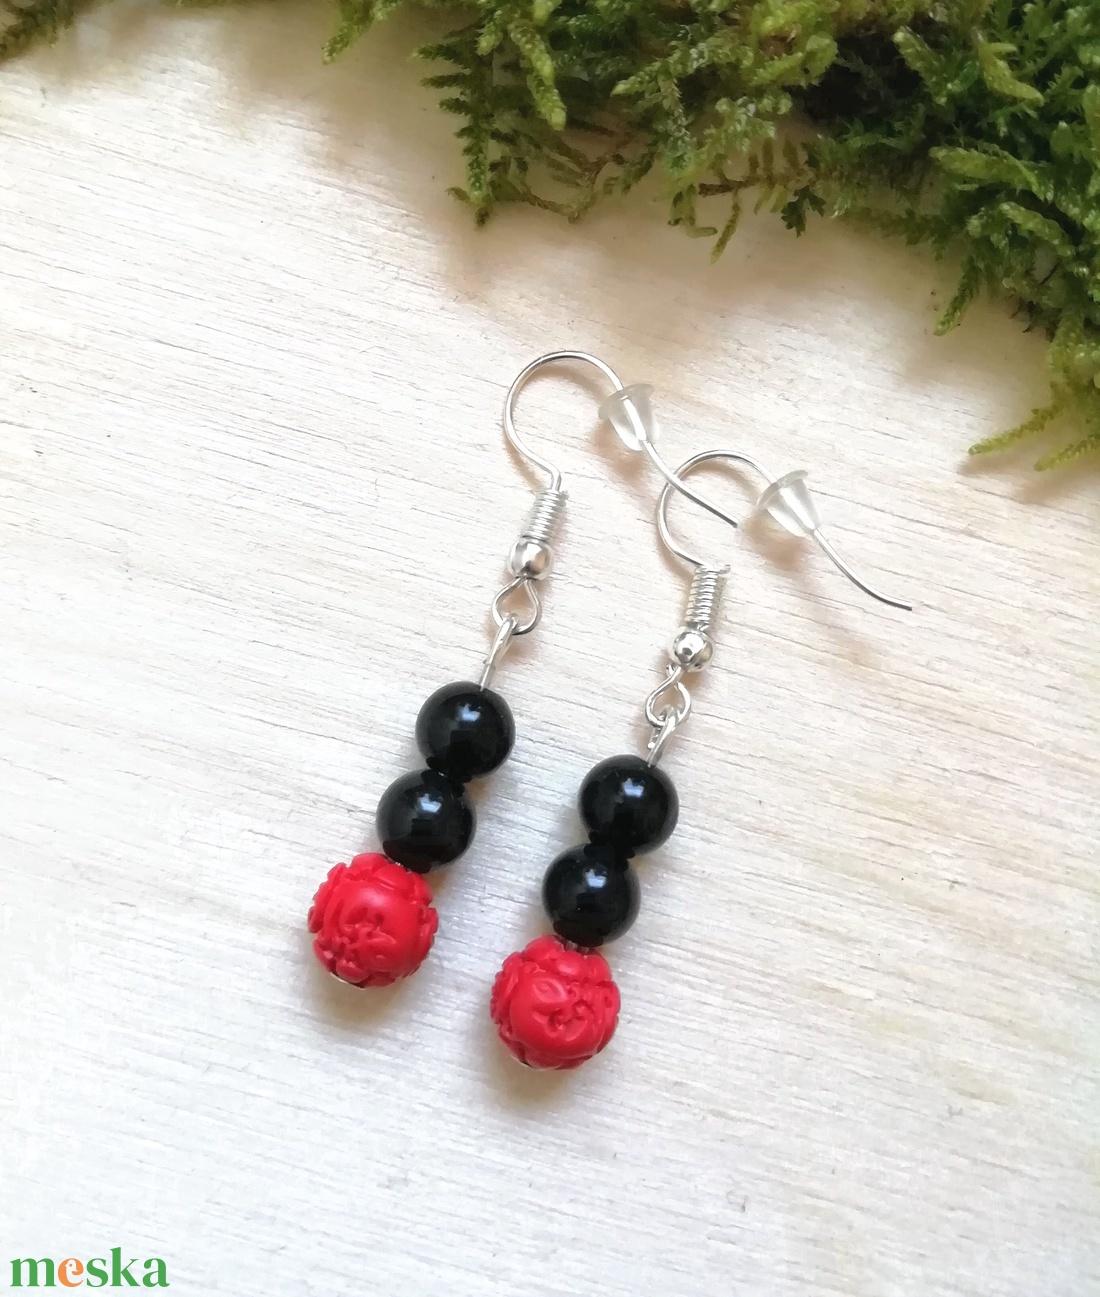 Fekete-piros ásvány fülbevaló ónix és cinóber gyöngyökből, féldrágakő ásványfülbevaló - ékszer - fülbevaló - lógó fülbevaló - Meska.hu